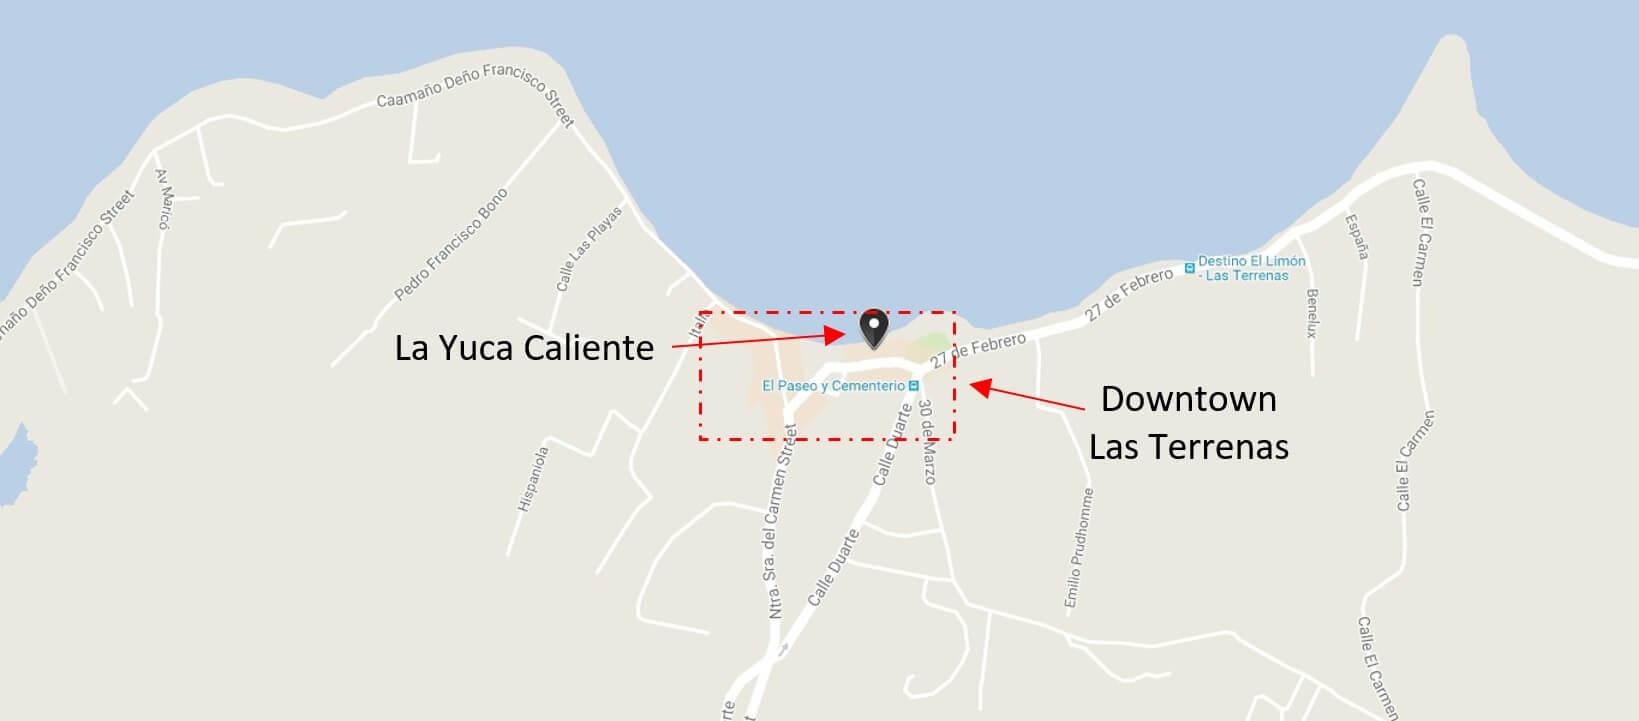 La Yuca Caliente Las Terrenas-Map